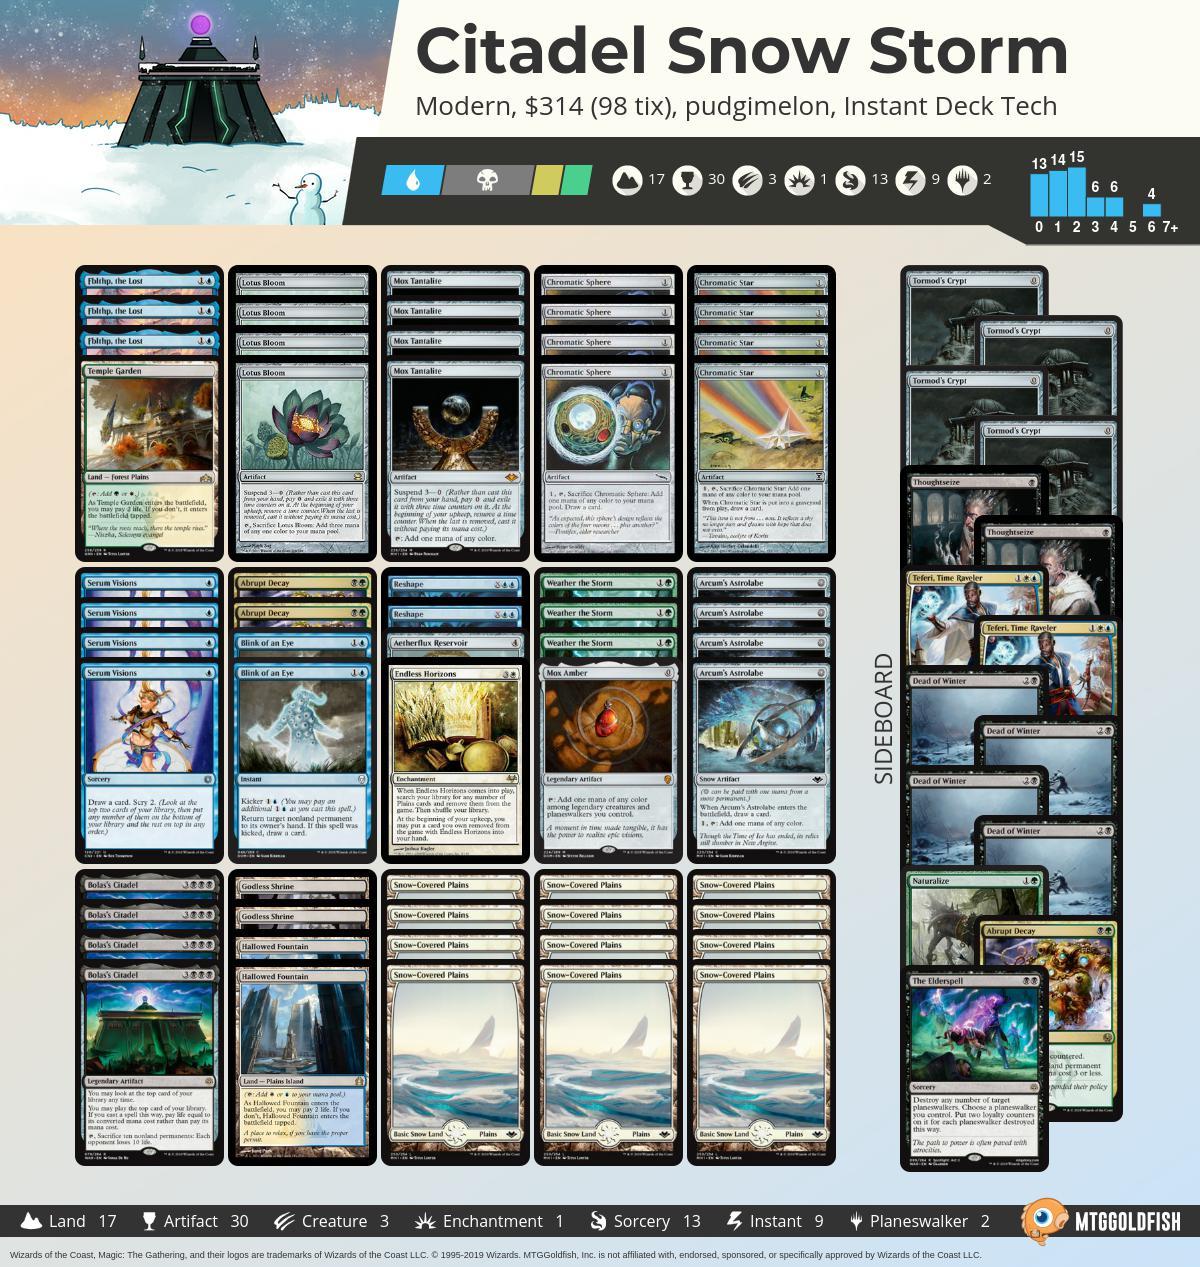 Citadel%2bsnow%2bstorm 13a4073d d217 4d95 943e e44637e28dd4%2ejpg